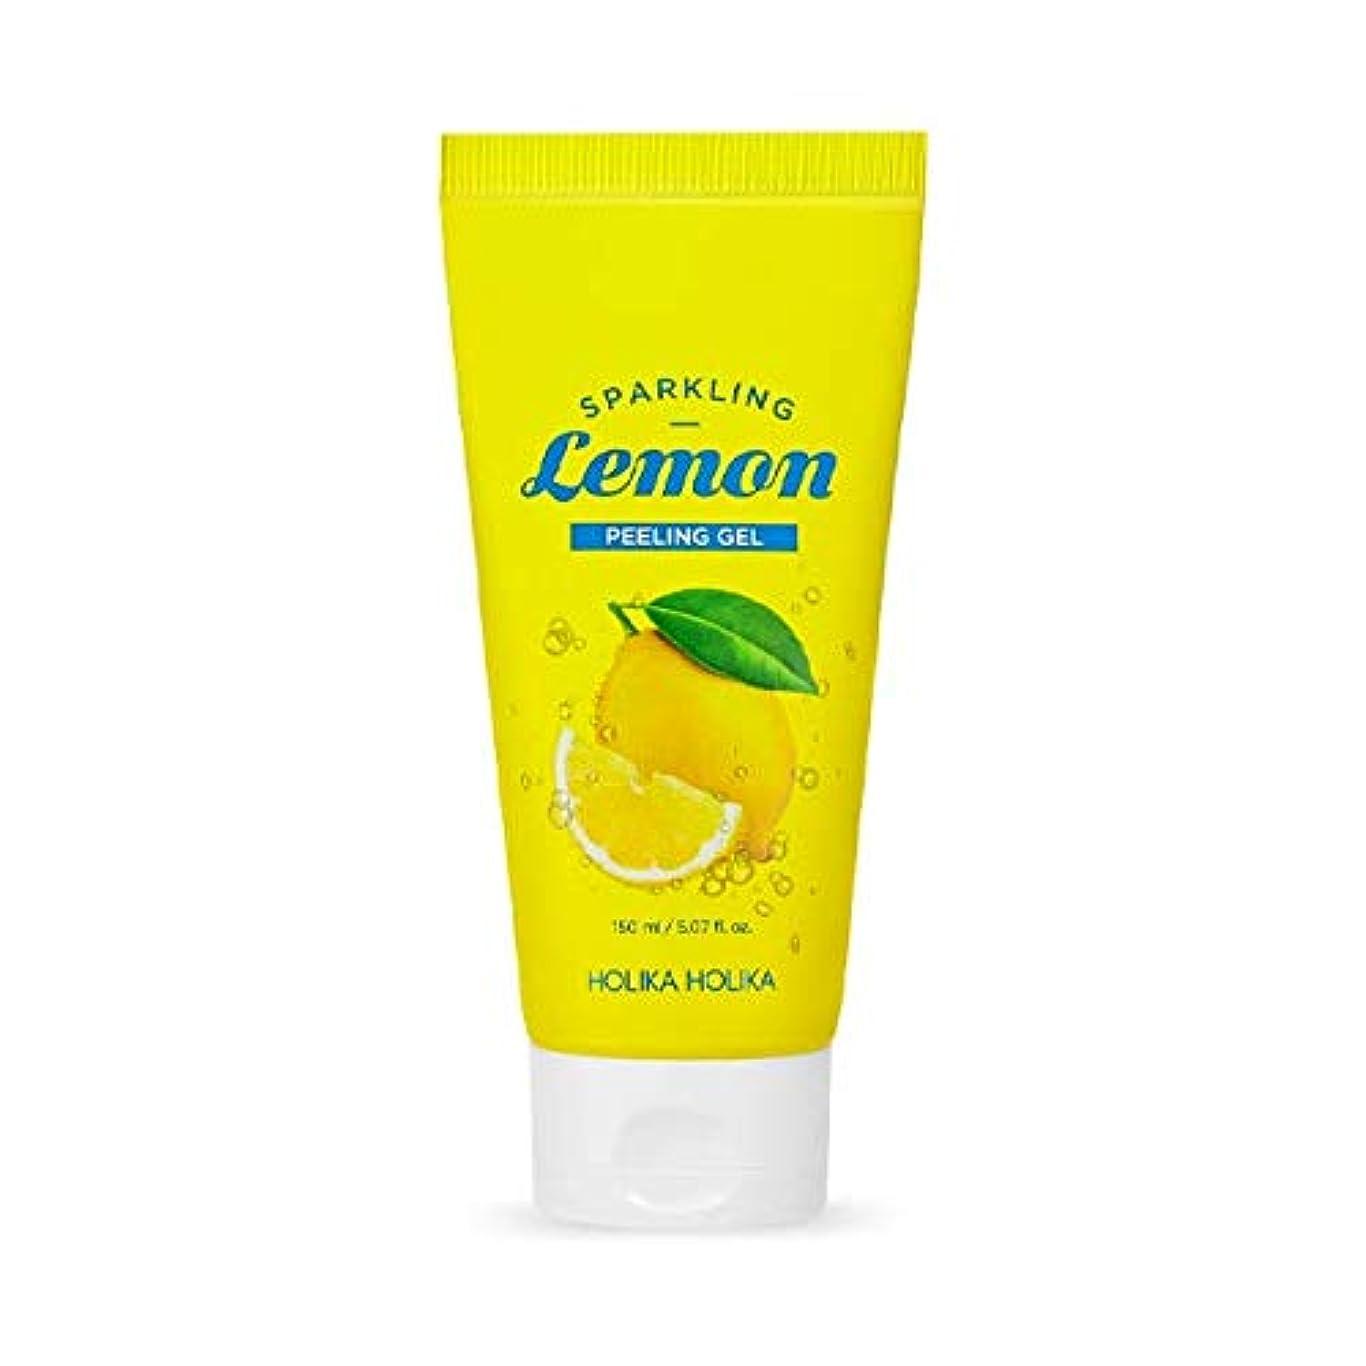 鏡垂直のどホリカホリカ 炭酸レモンピーリングジェル/HOLIKA Sparkling Lemon Peeling Gel 150ml 韓国コスメ [並行輸入品]